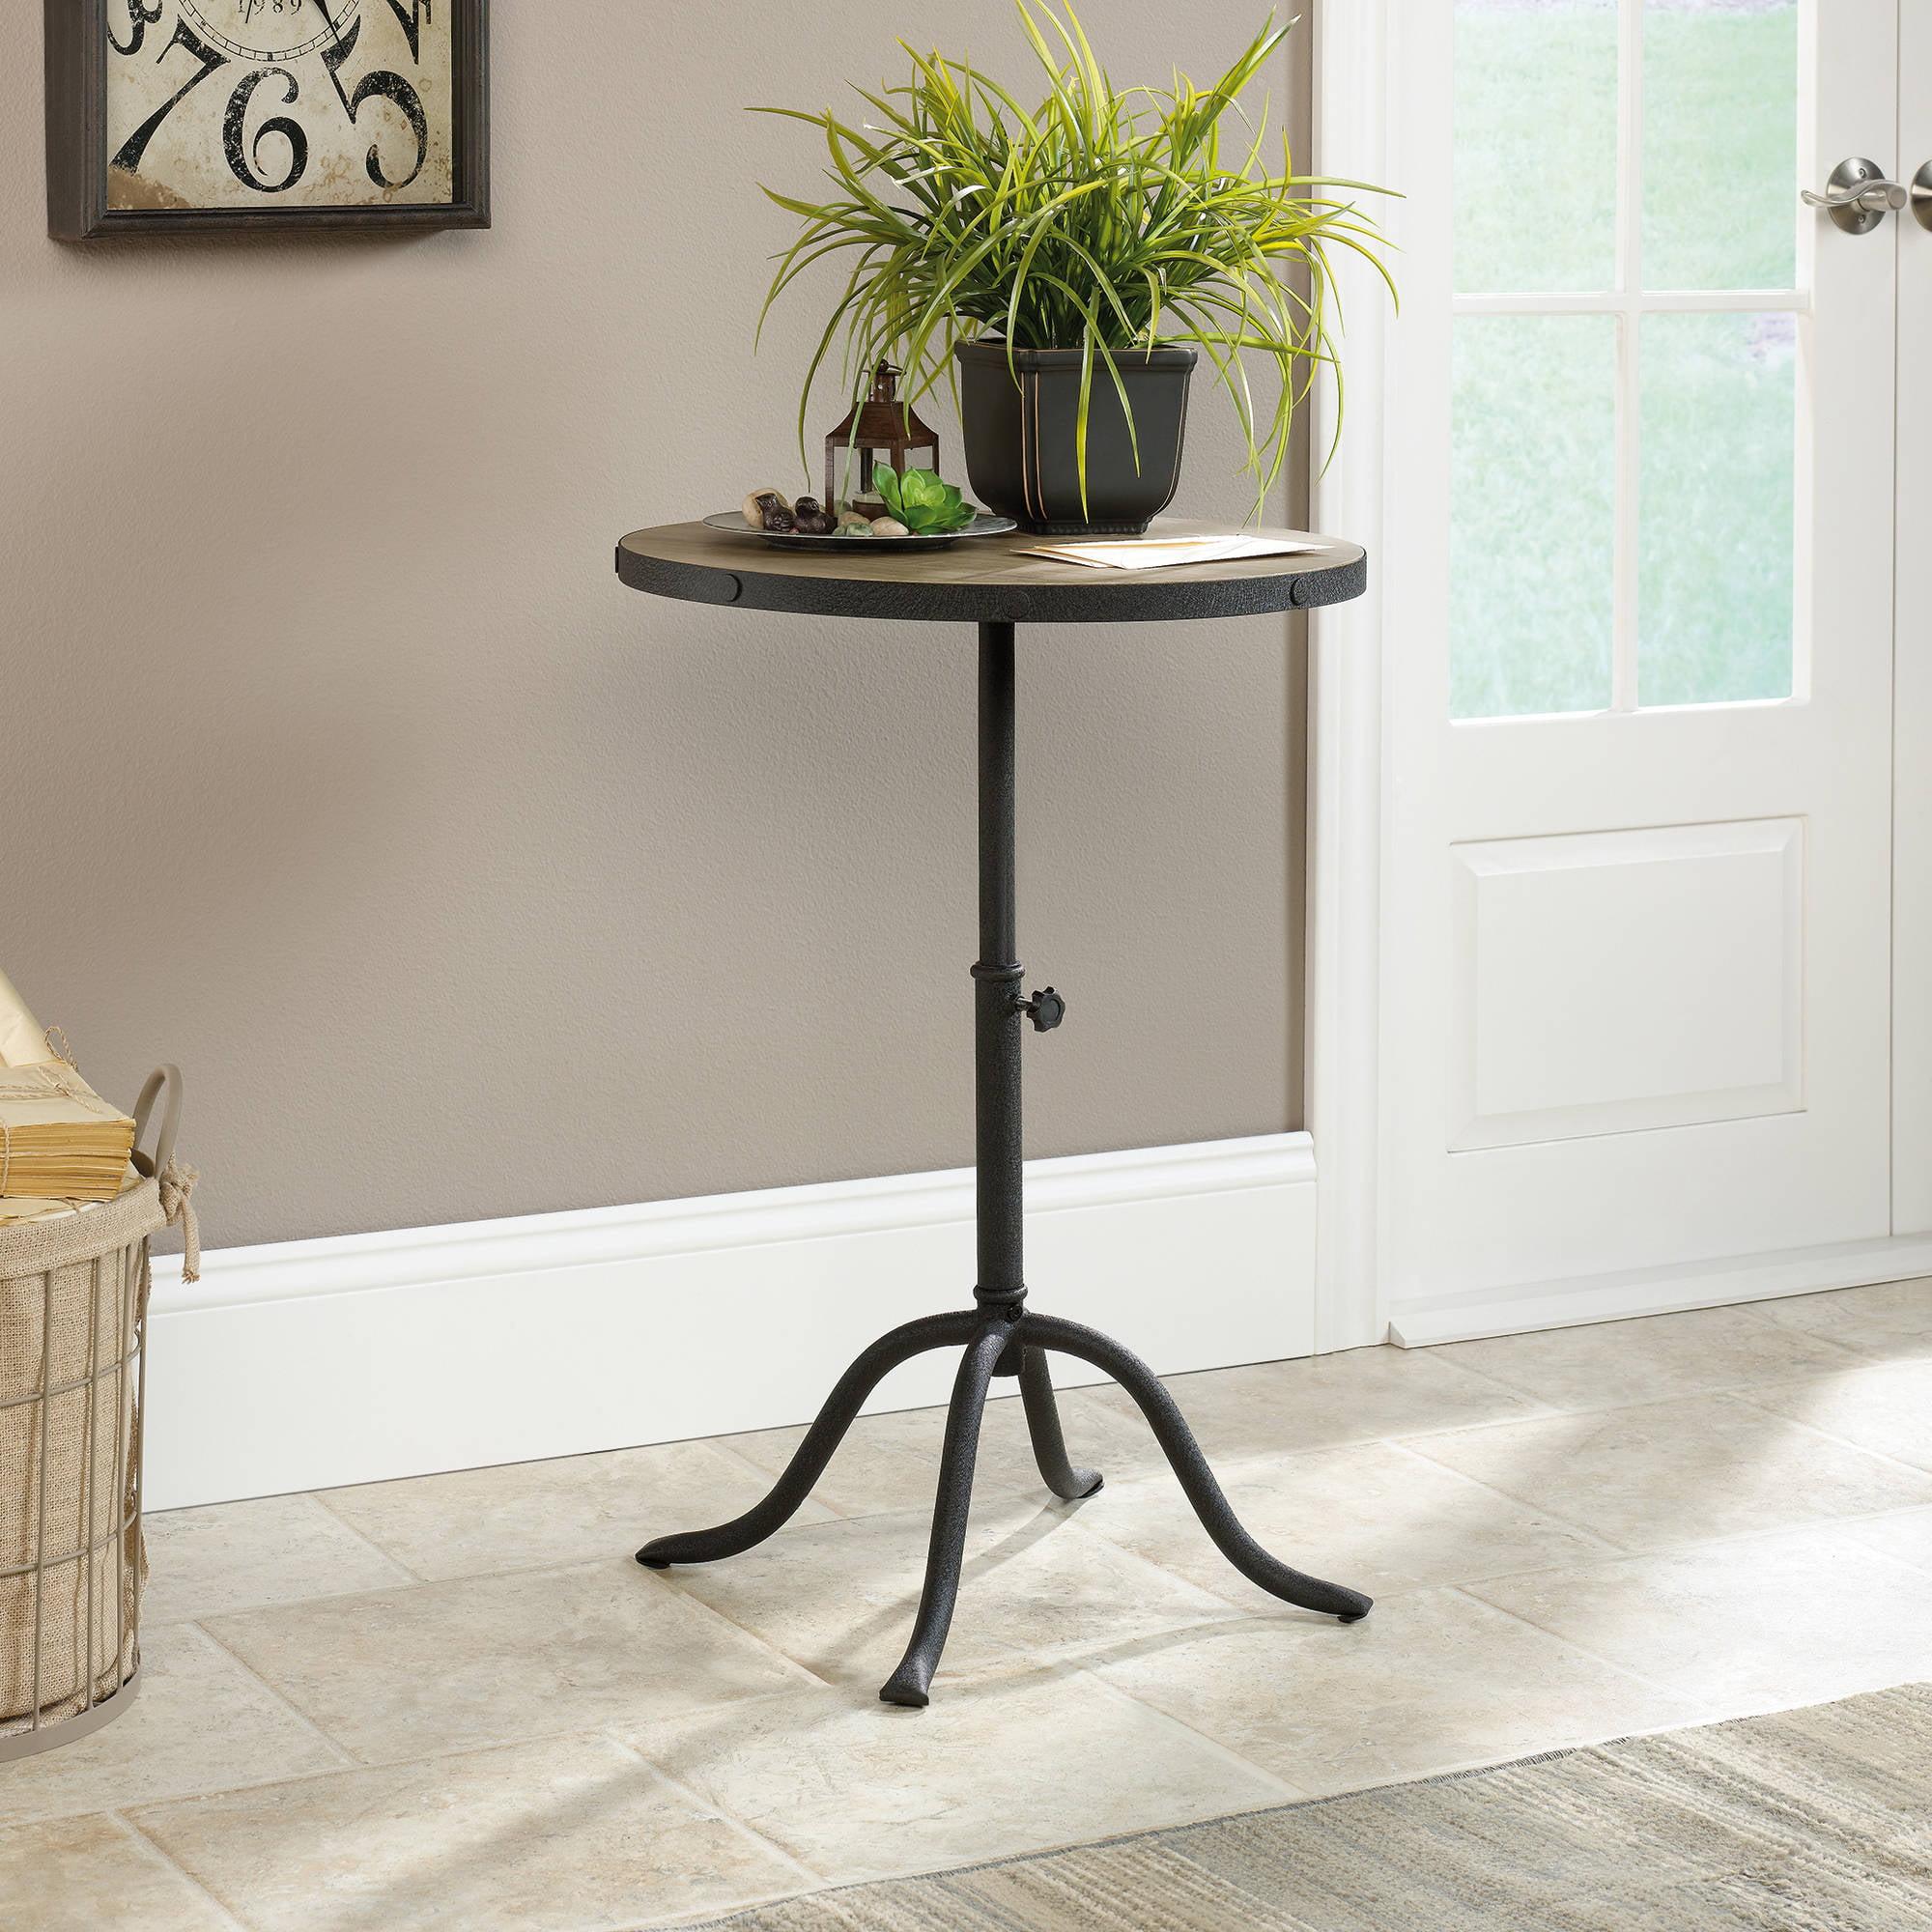 Sauder Inspired Accents Pedestal Table, Craftsman Oak